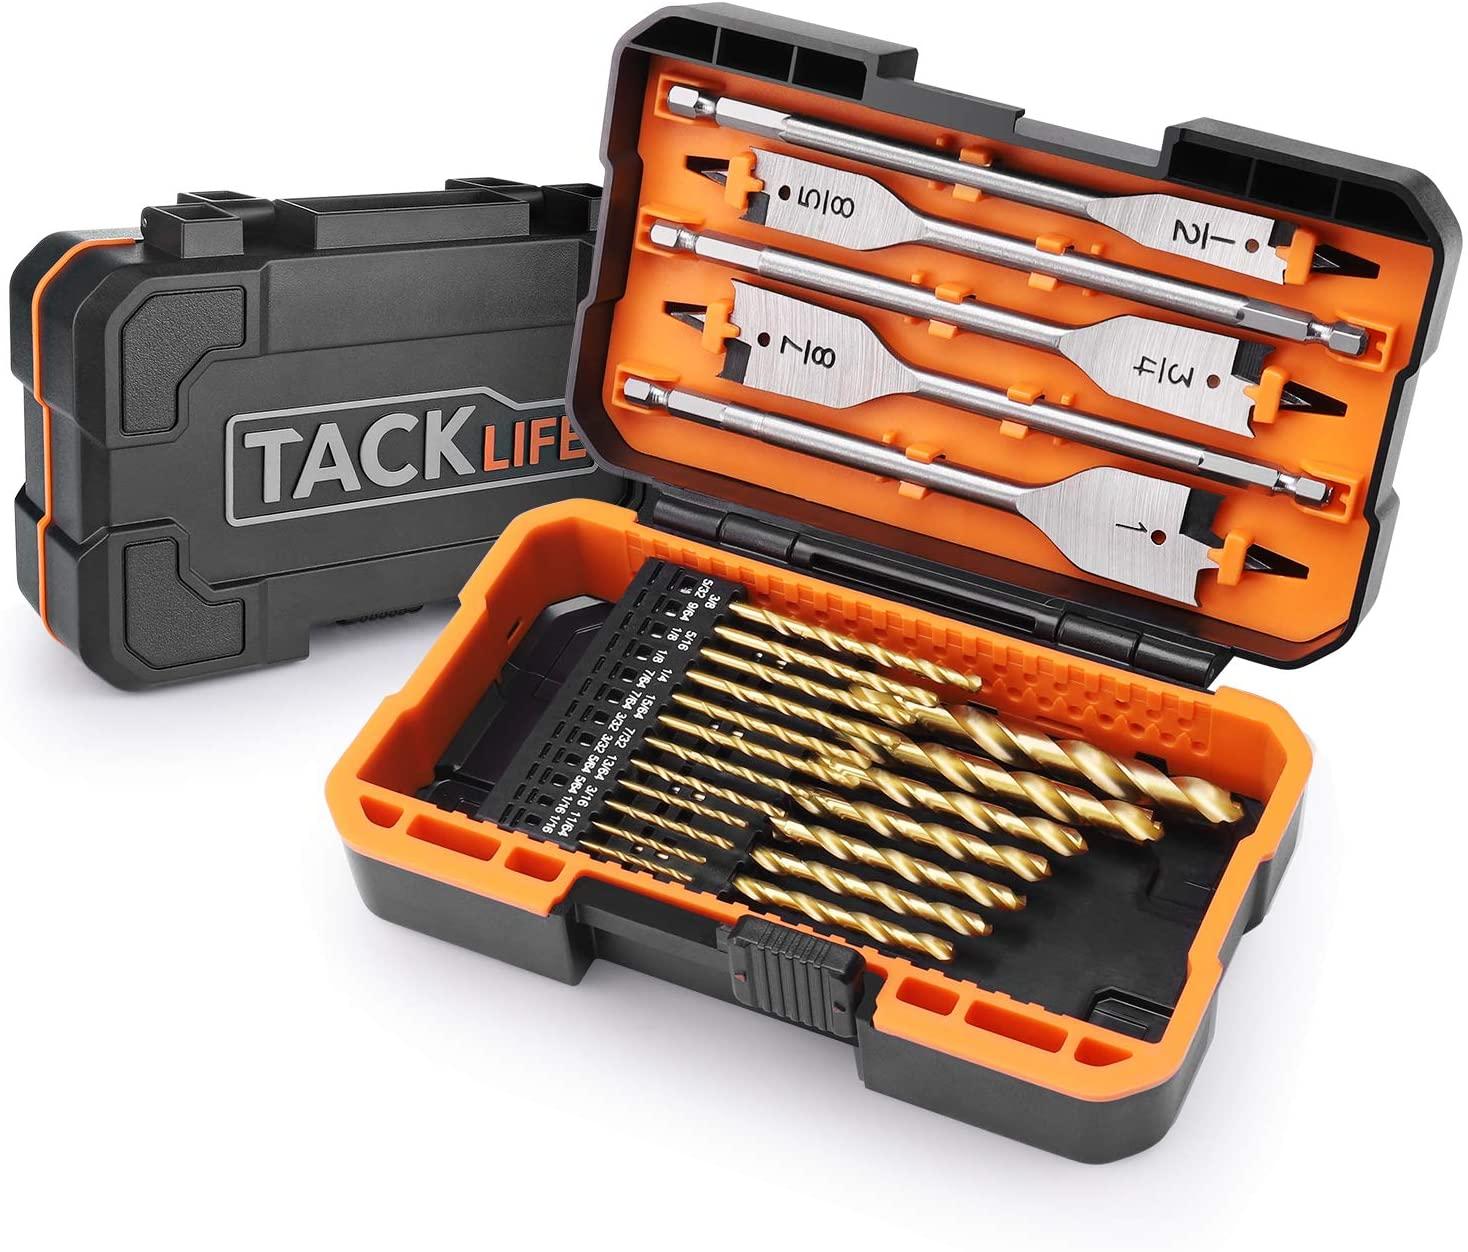 Drill Bits set, TACKLIFE DB01 Titanium Drill Bit Set 25 pcs-20pcs HSS Twist Drill Bits for Steel, Wood, Plastic,5 Spade Drill Bit Set for Wood,Advanced Set with Moulded Display Carry Case